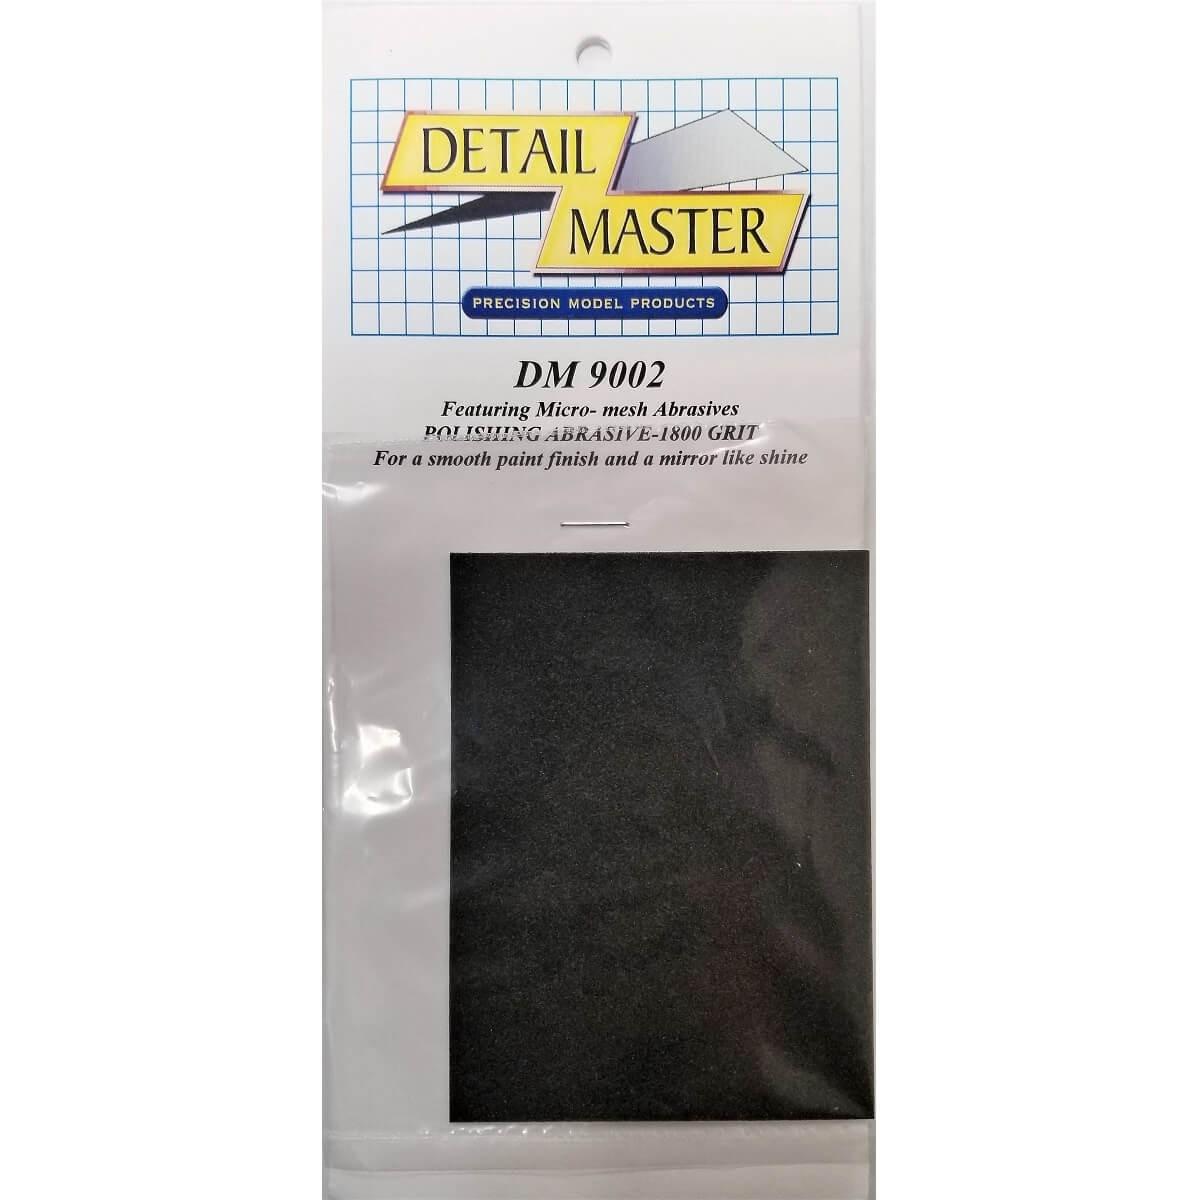 Detail Master 1800 Grit Micro-Mesh Polishing Abrasive